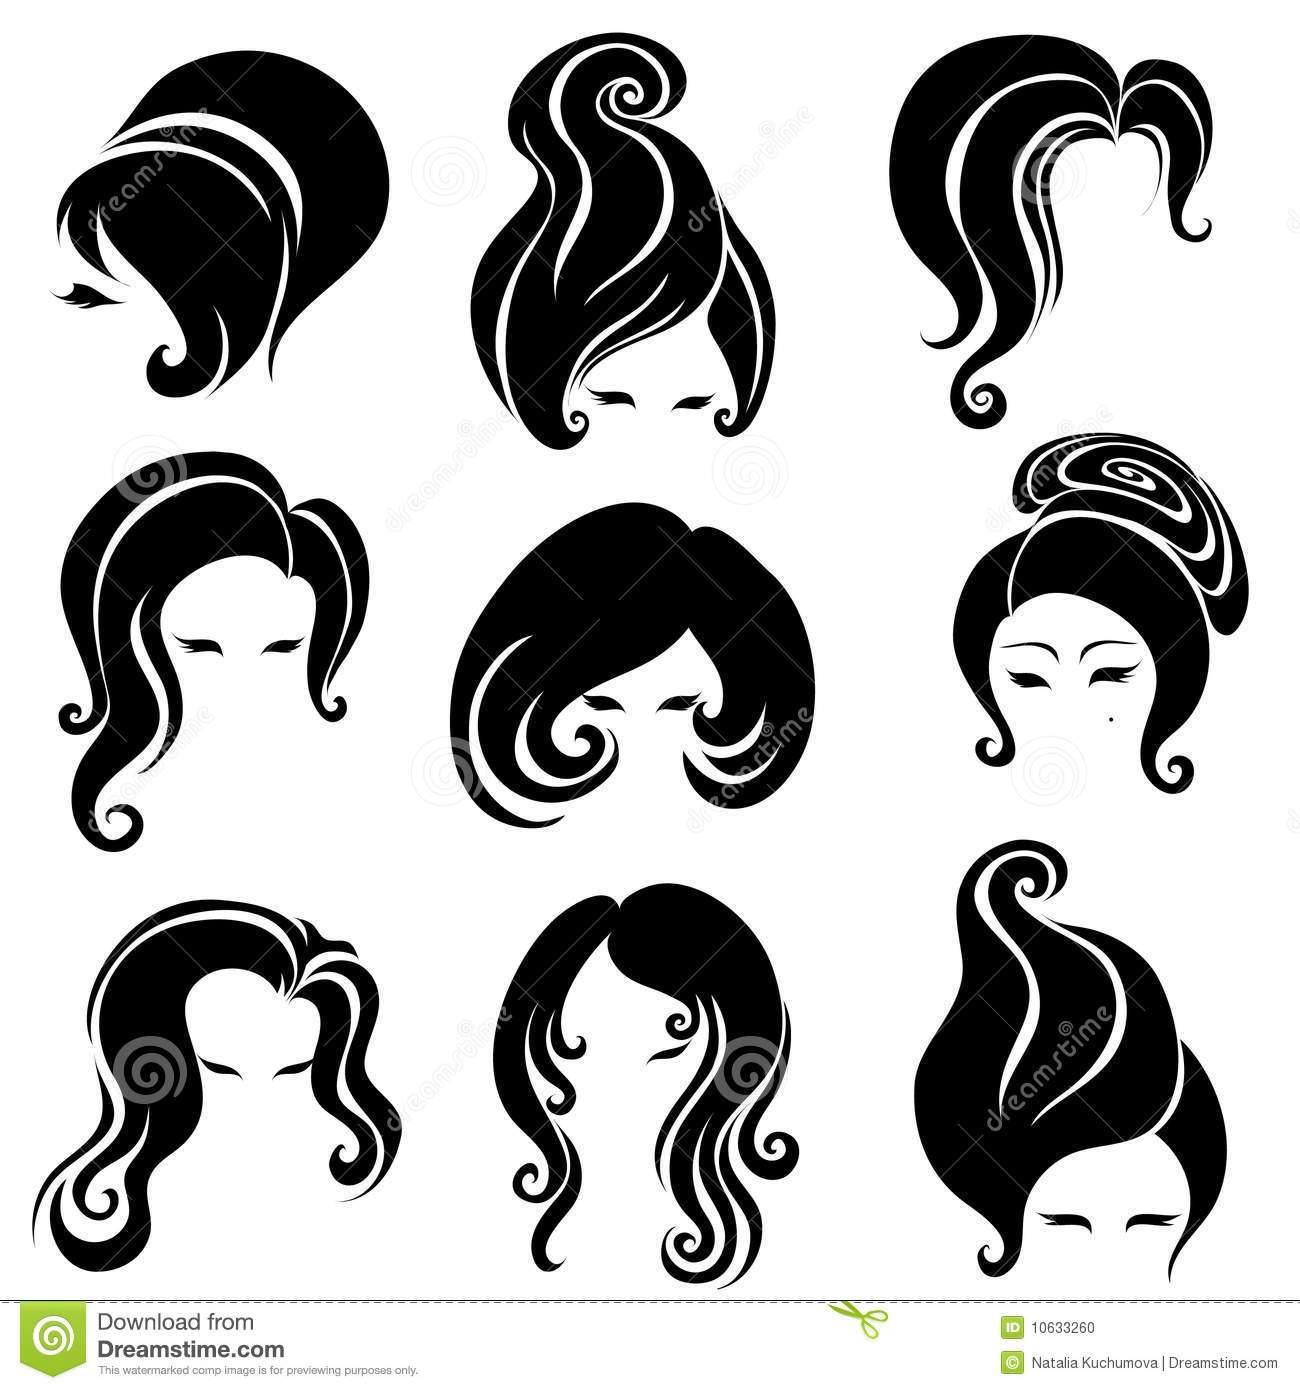 Big hair clipart